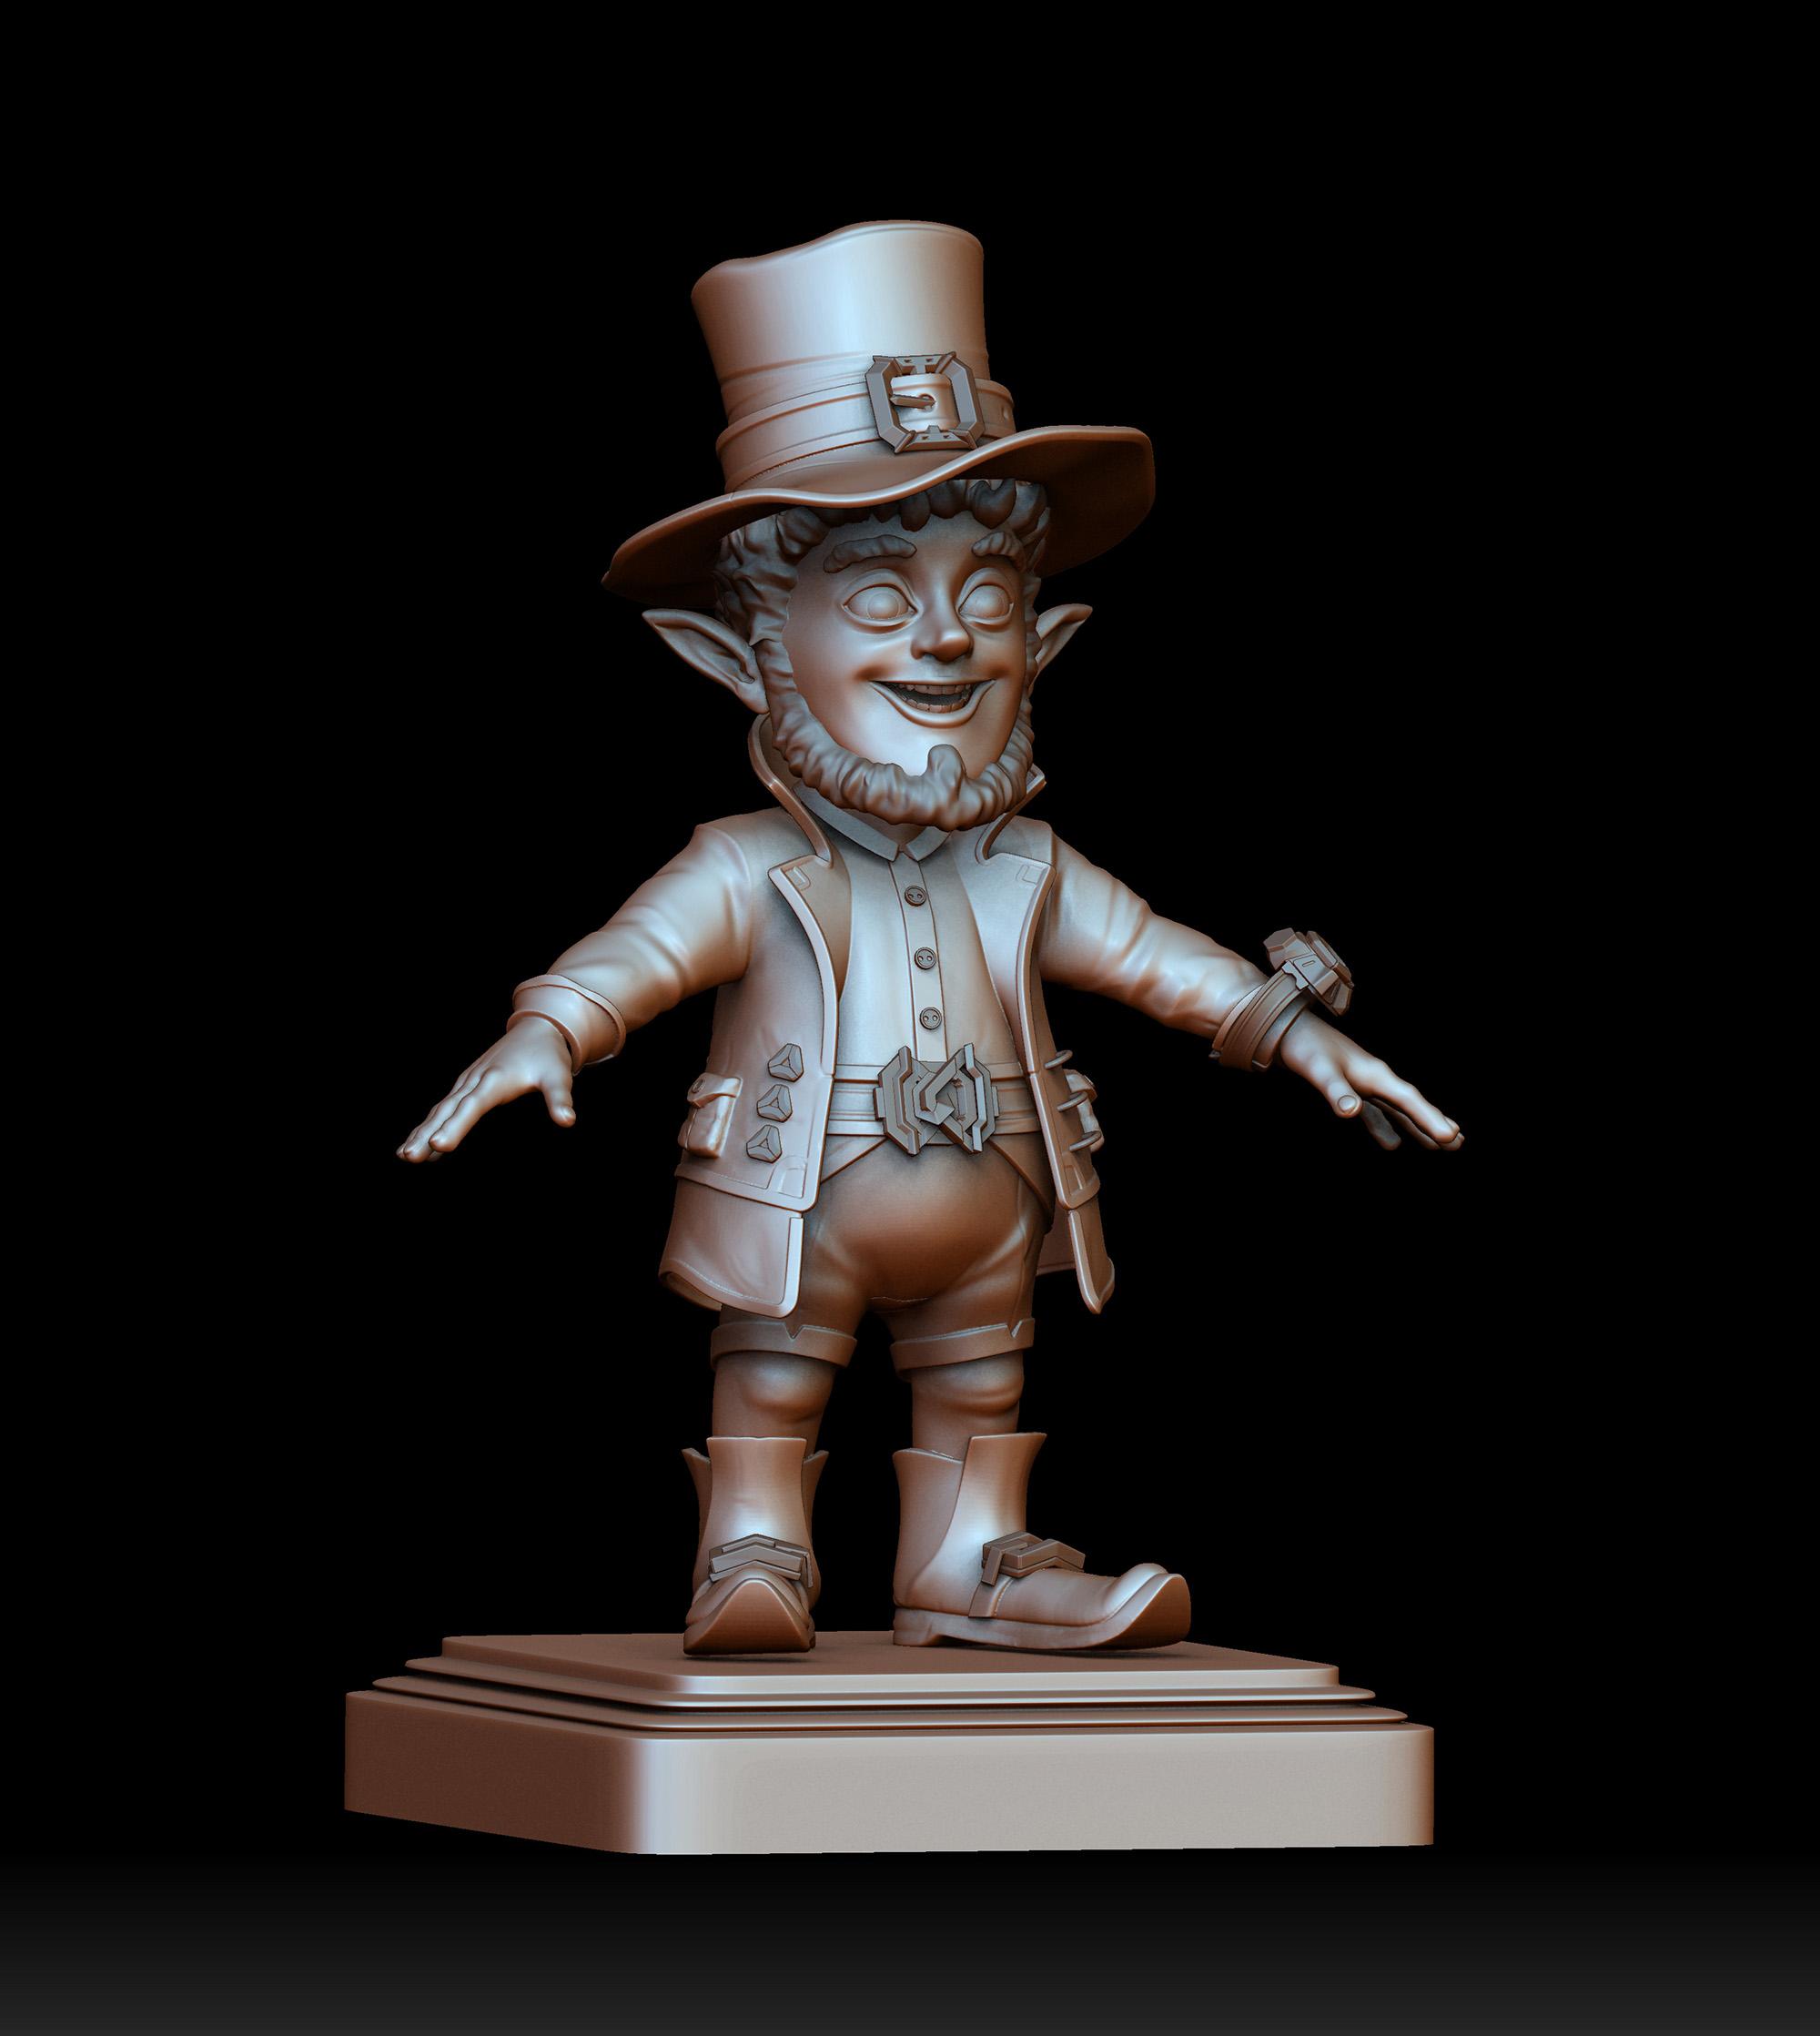 Leprechau_postament | 3D artist